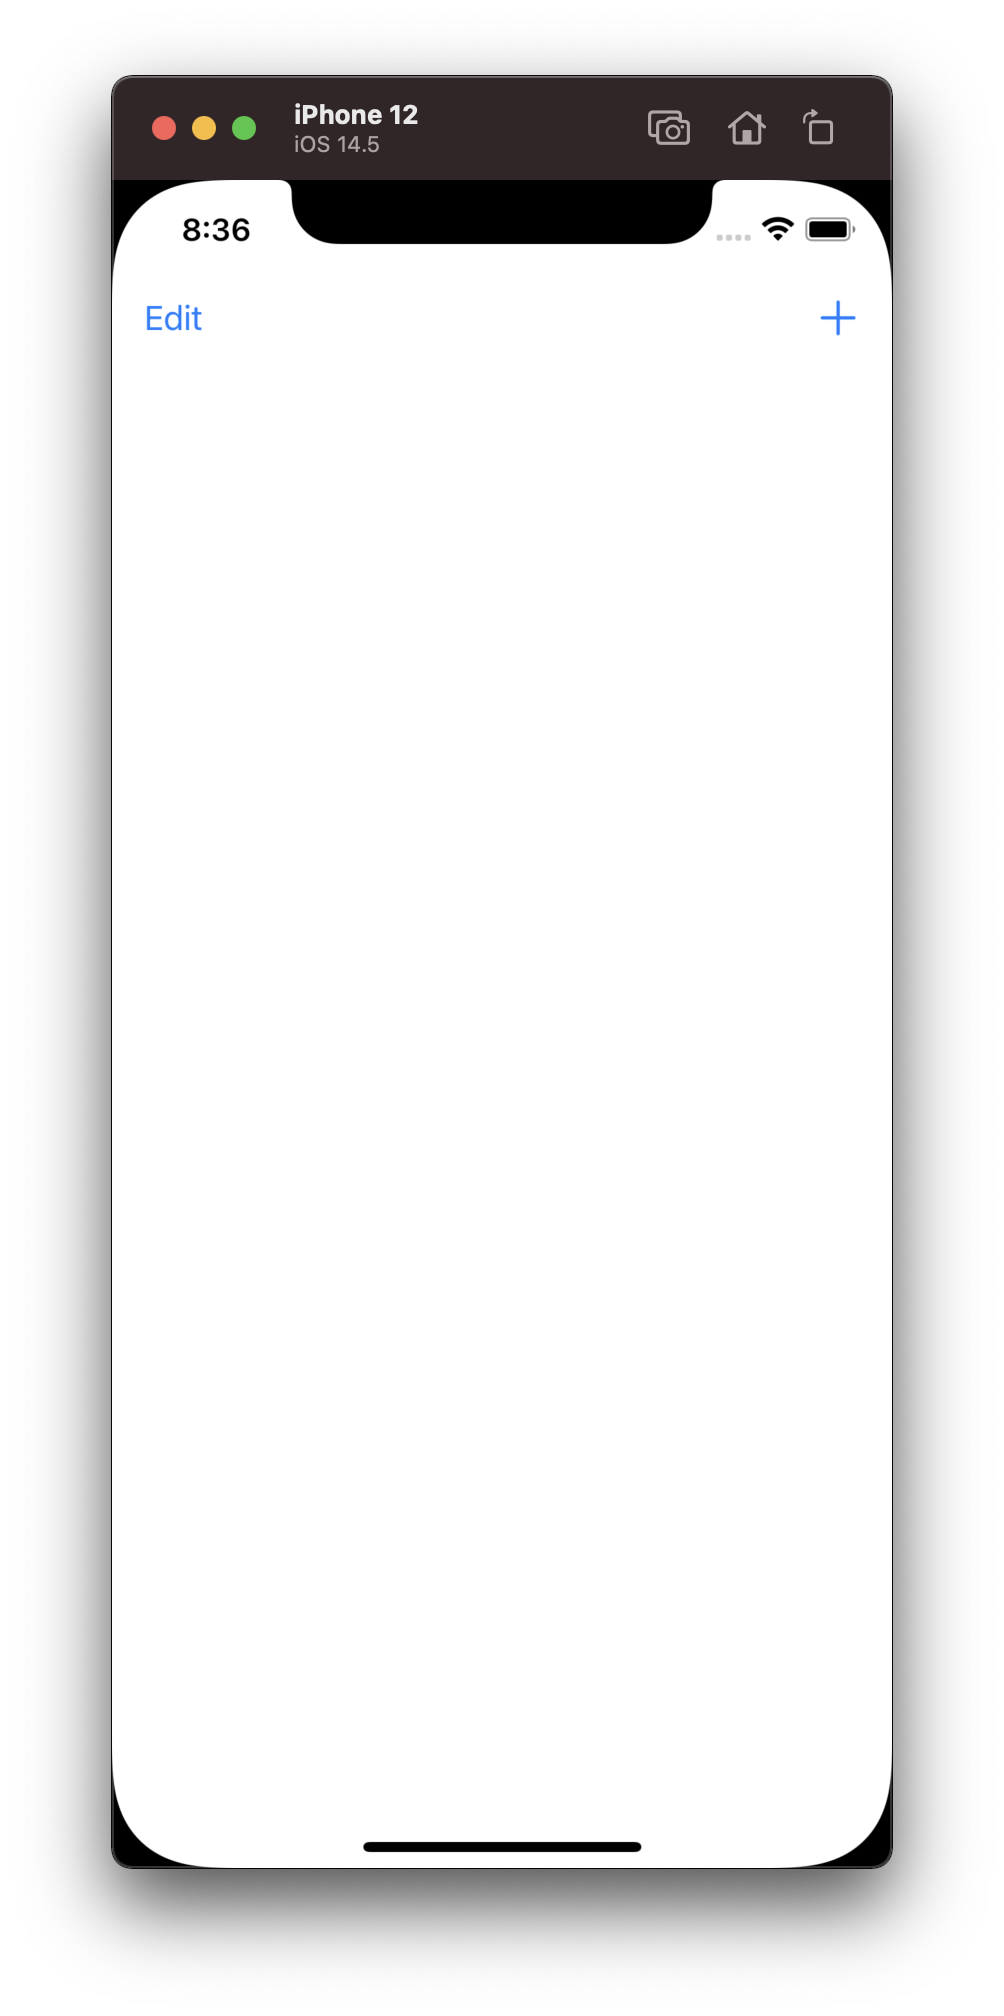 f:id:Koze:20210427083621p:plain:w400